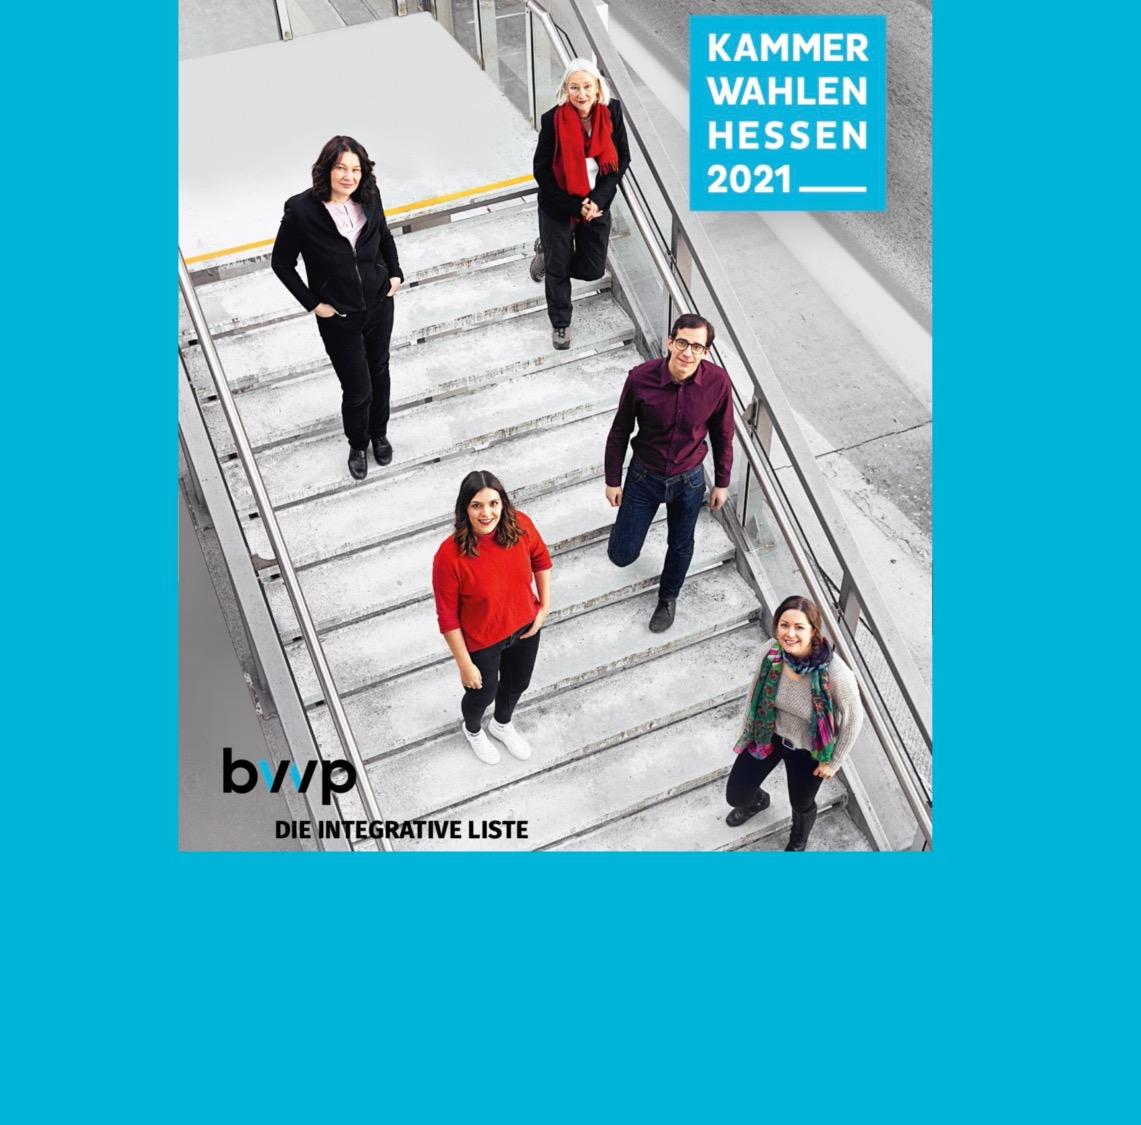 bvvp Kammerwahlen 2021